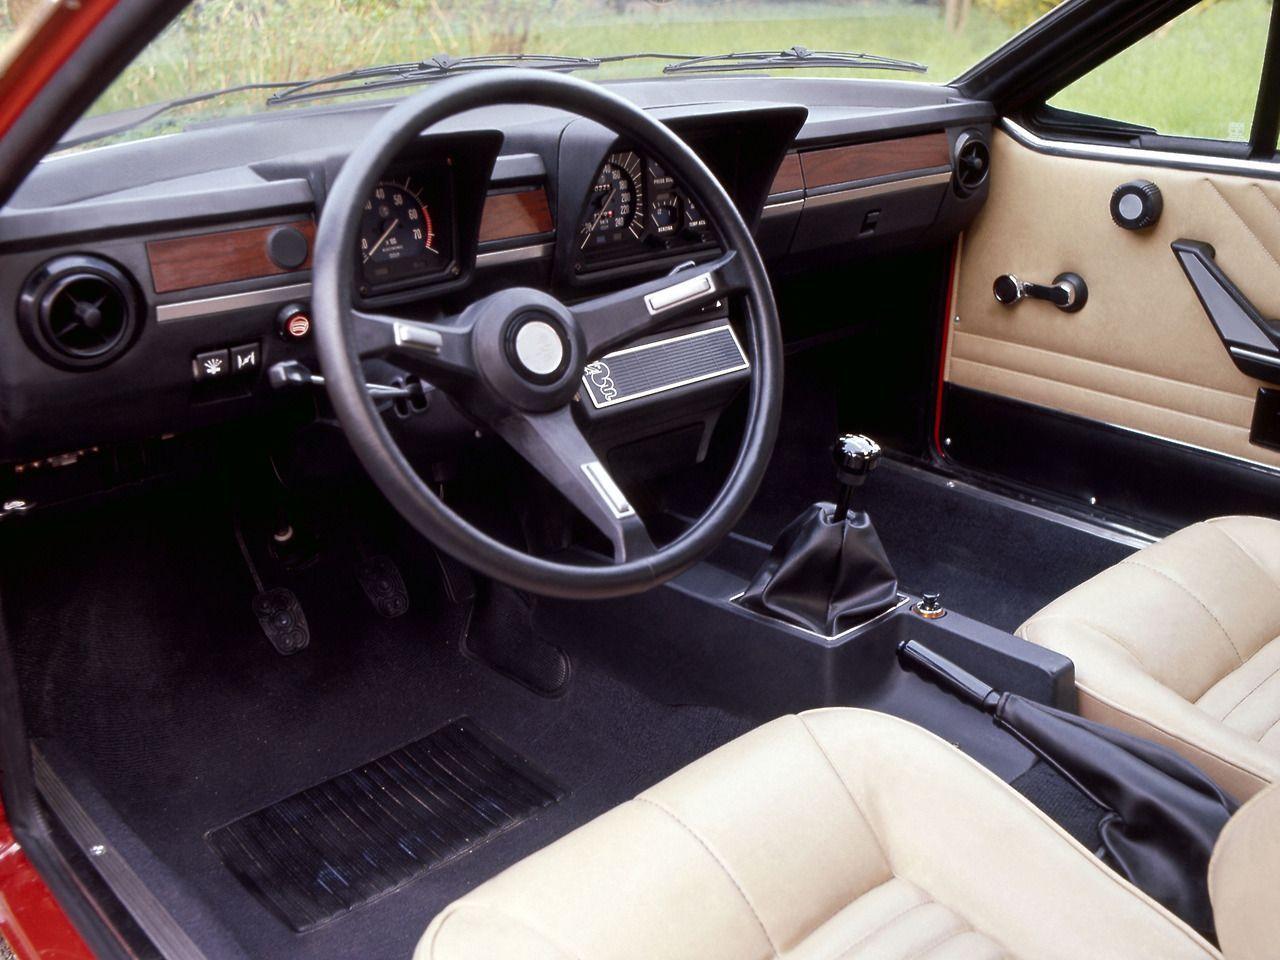 Alfa Romeo Alfetta Gtv Alfa Romeo Alfa Romeo Gtv Alfa Romeo Cars